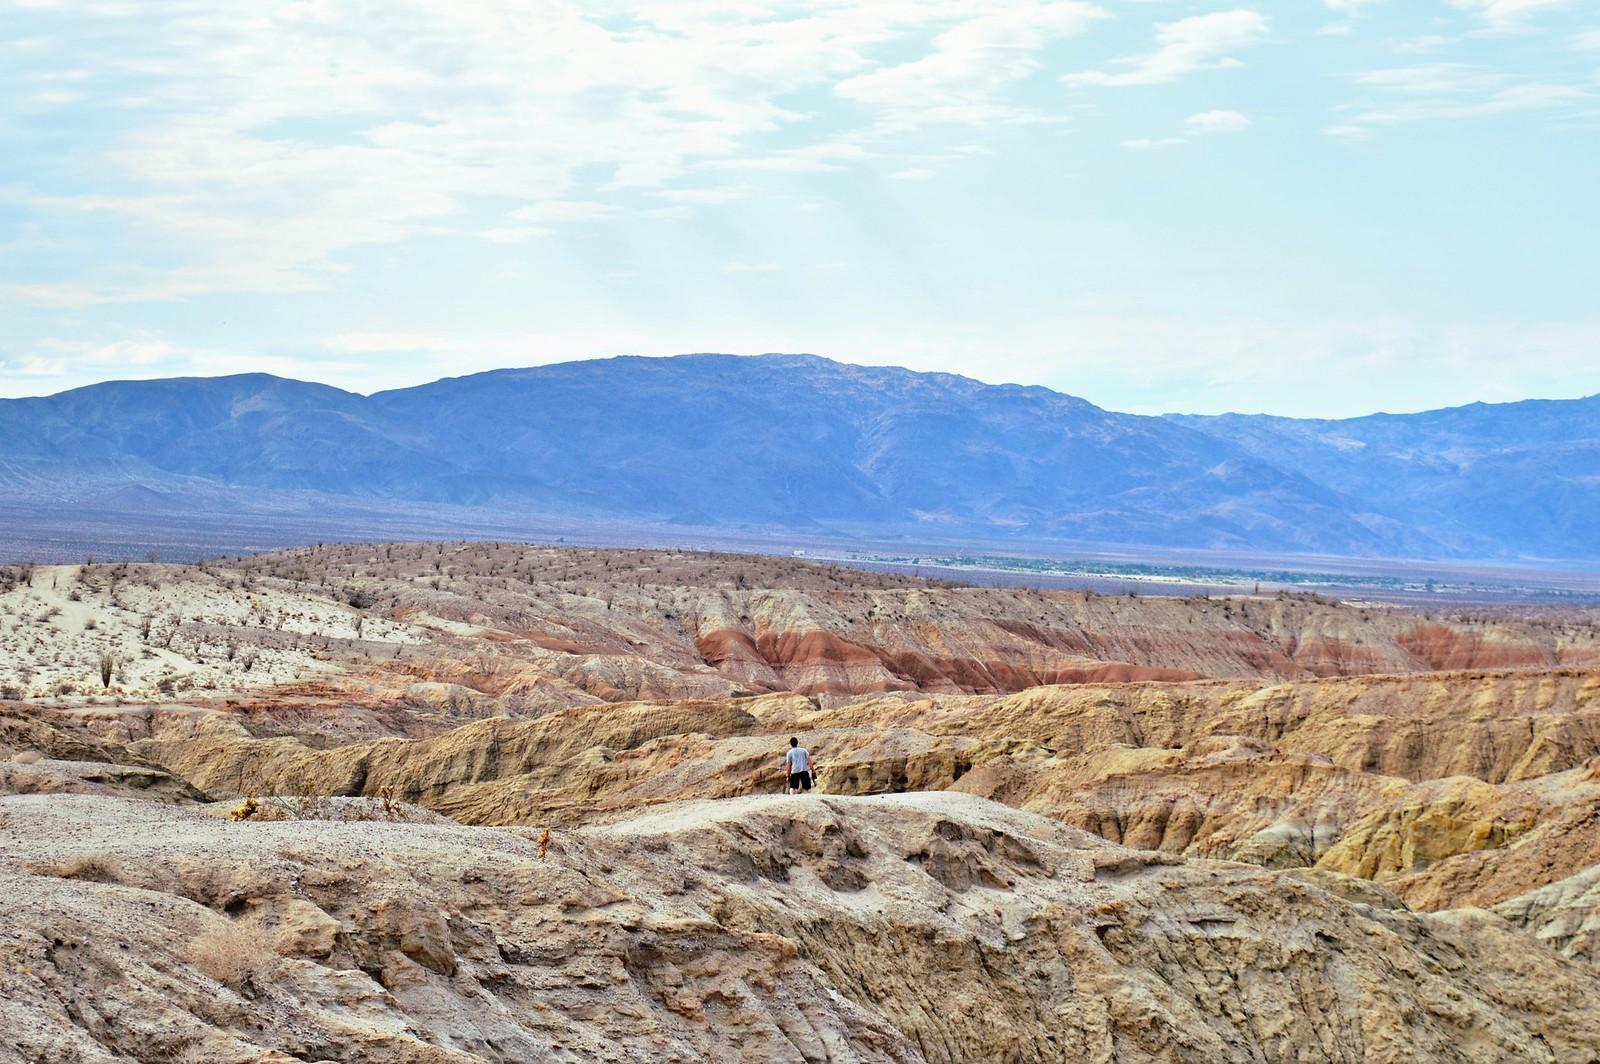 Anza-Borrego Desert State Park, California (USA).